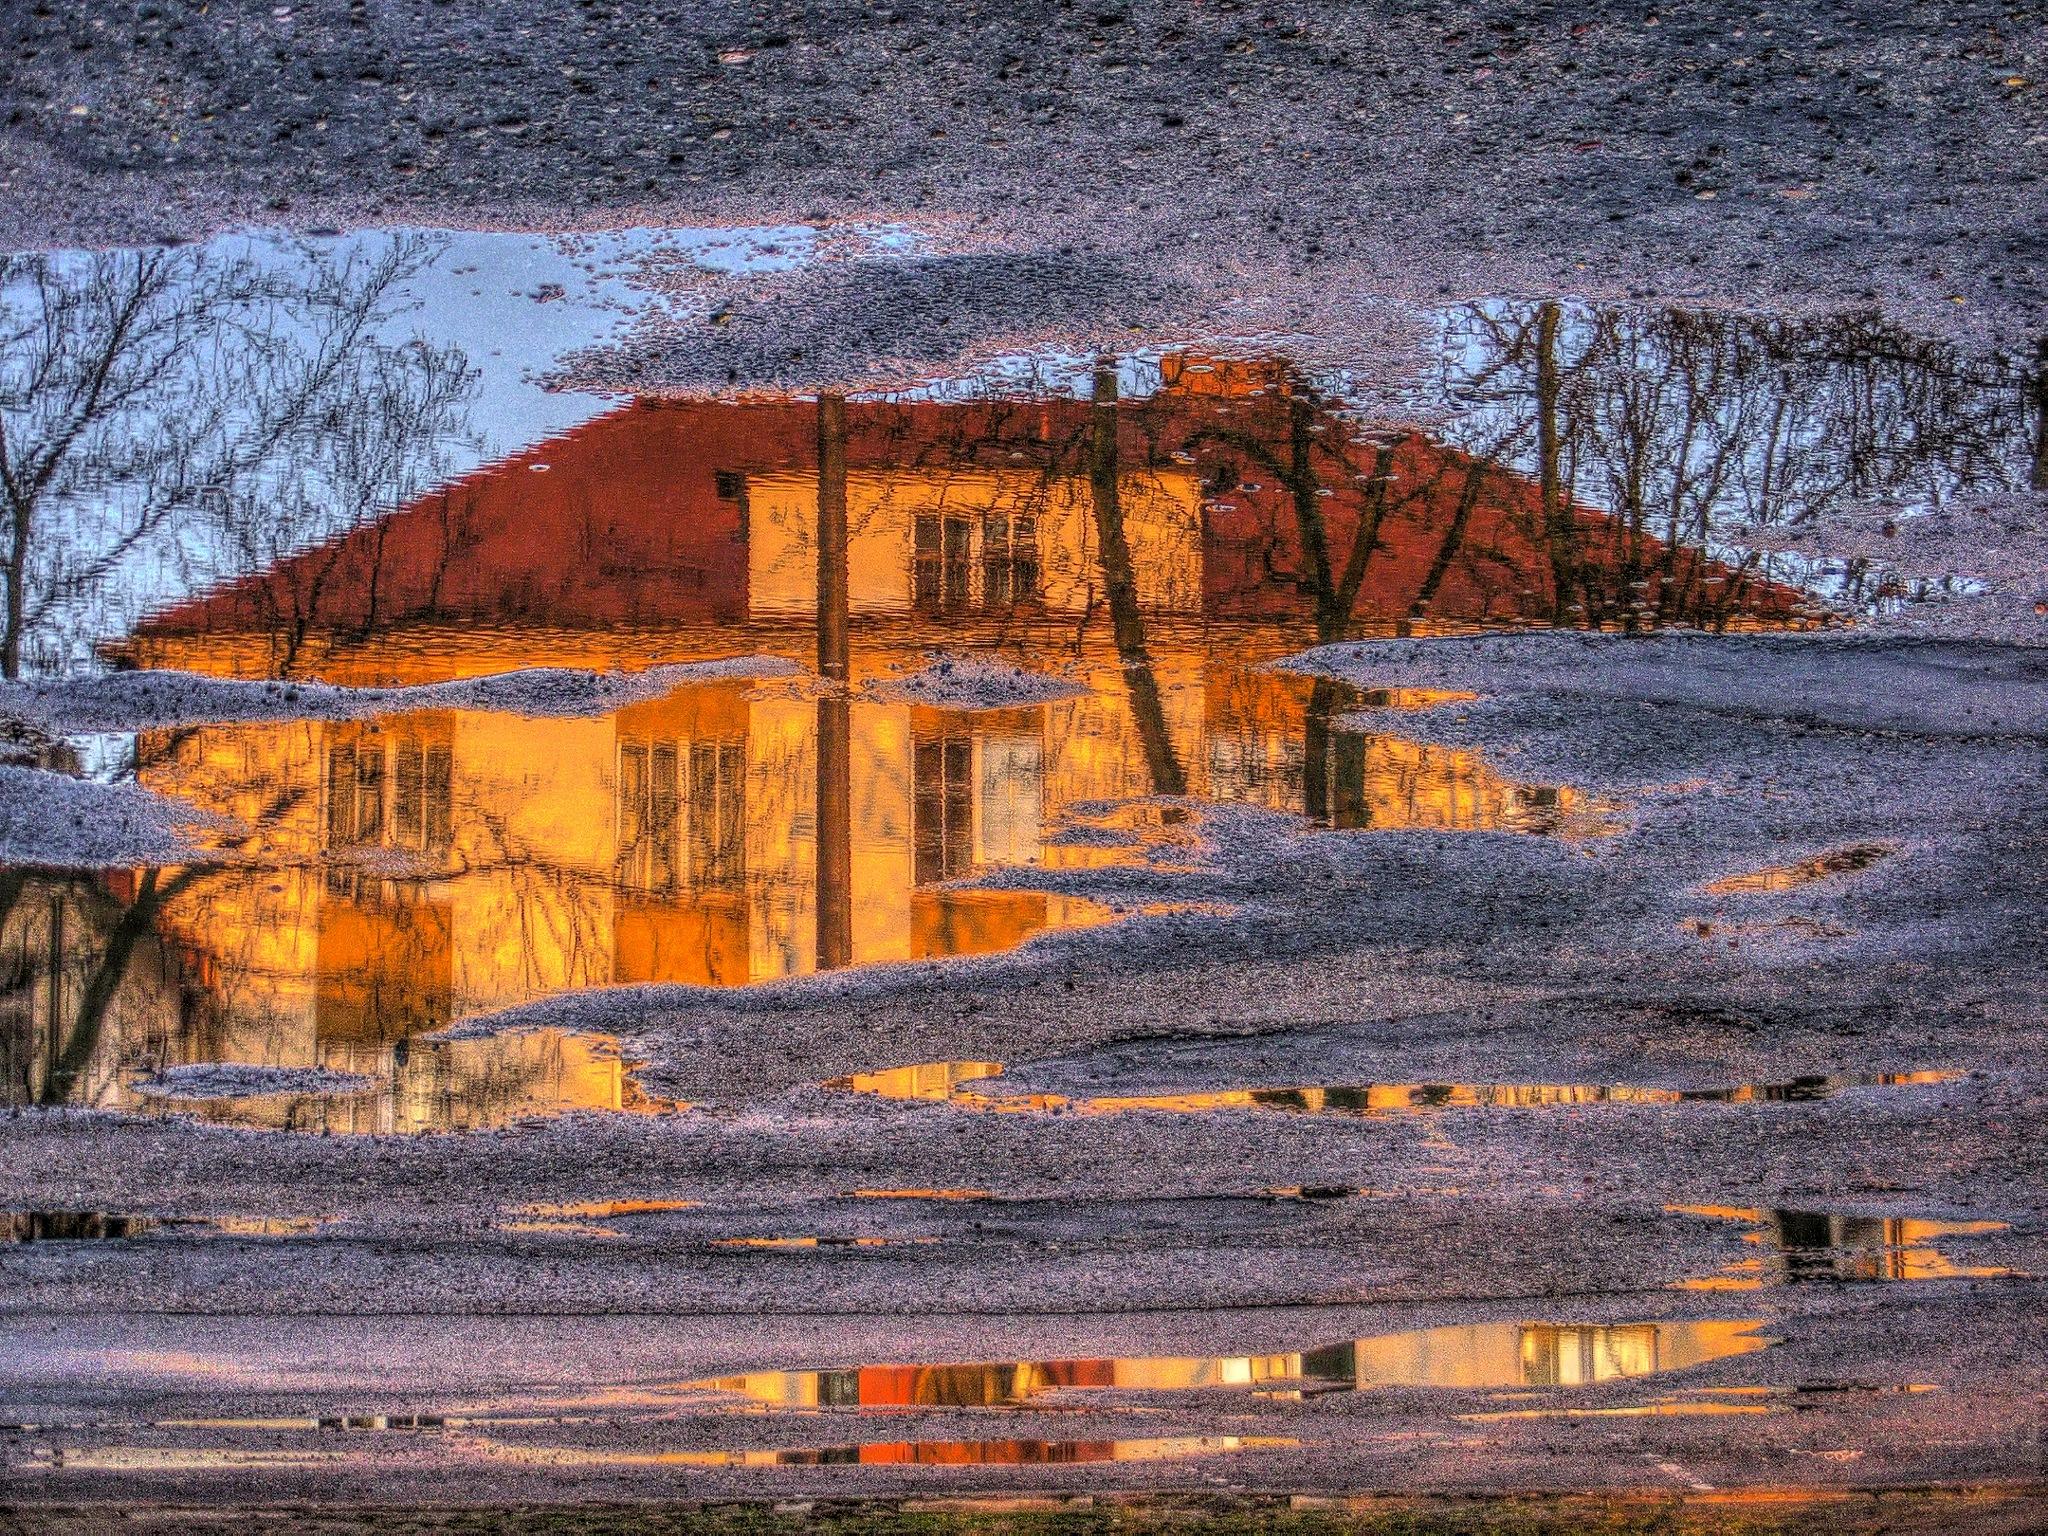 City reflection #2 by Grzegorz Skwarliński